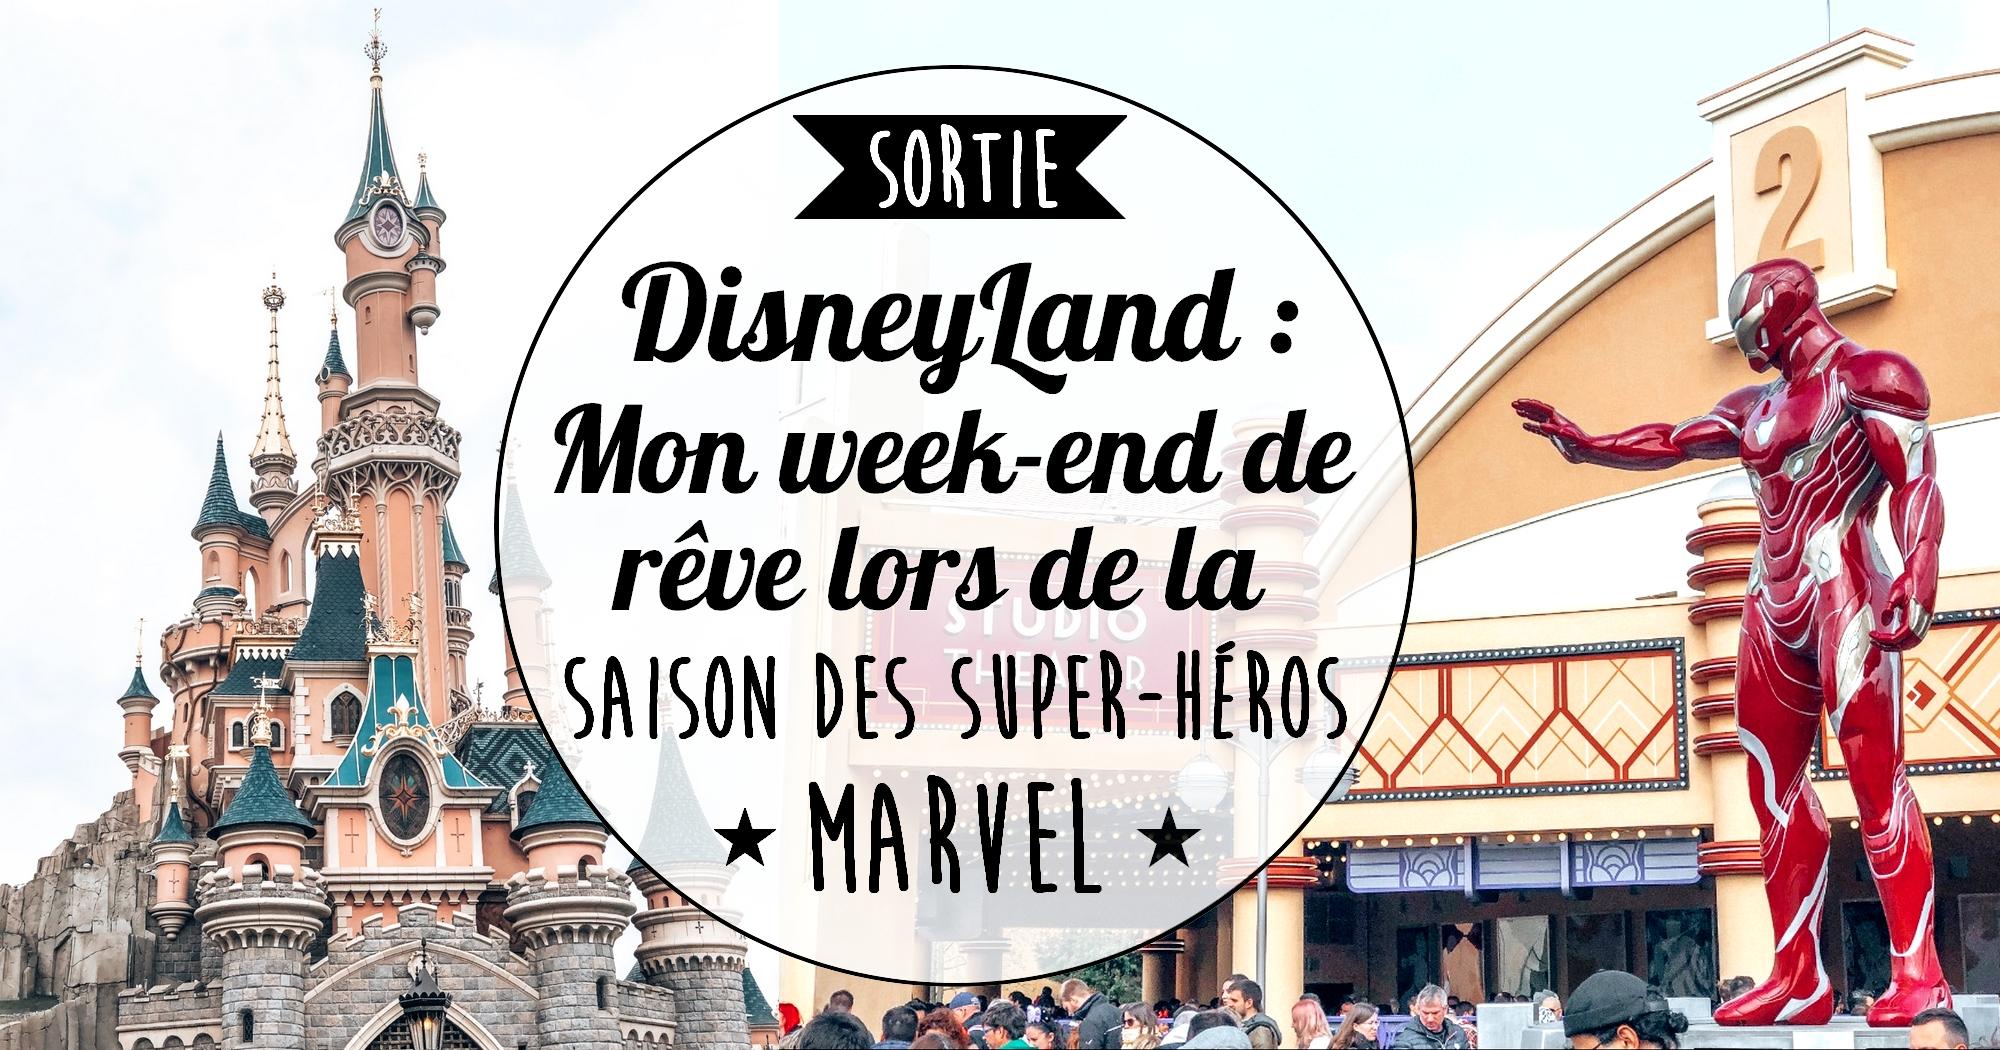 DisneyLand Paris : monweek-end de rêve lors de la saison des super-héros Marvel